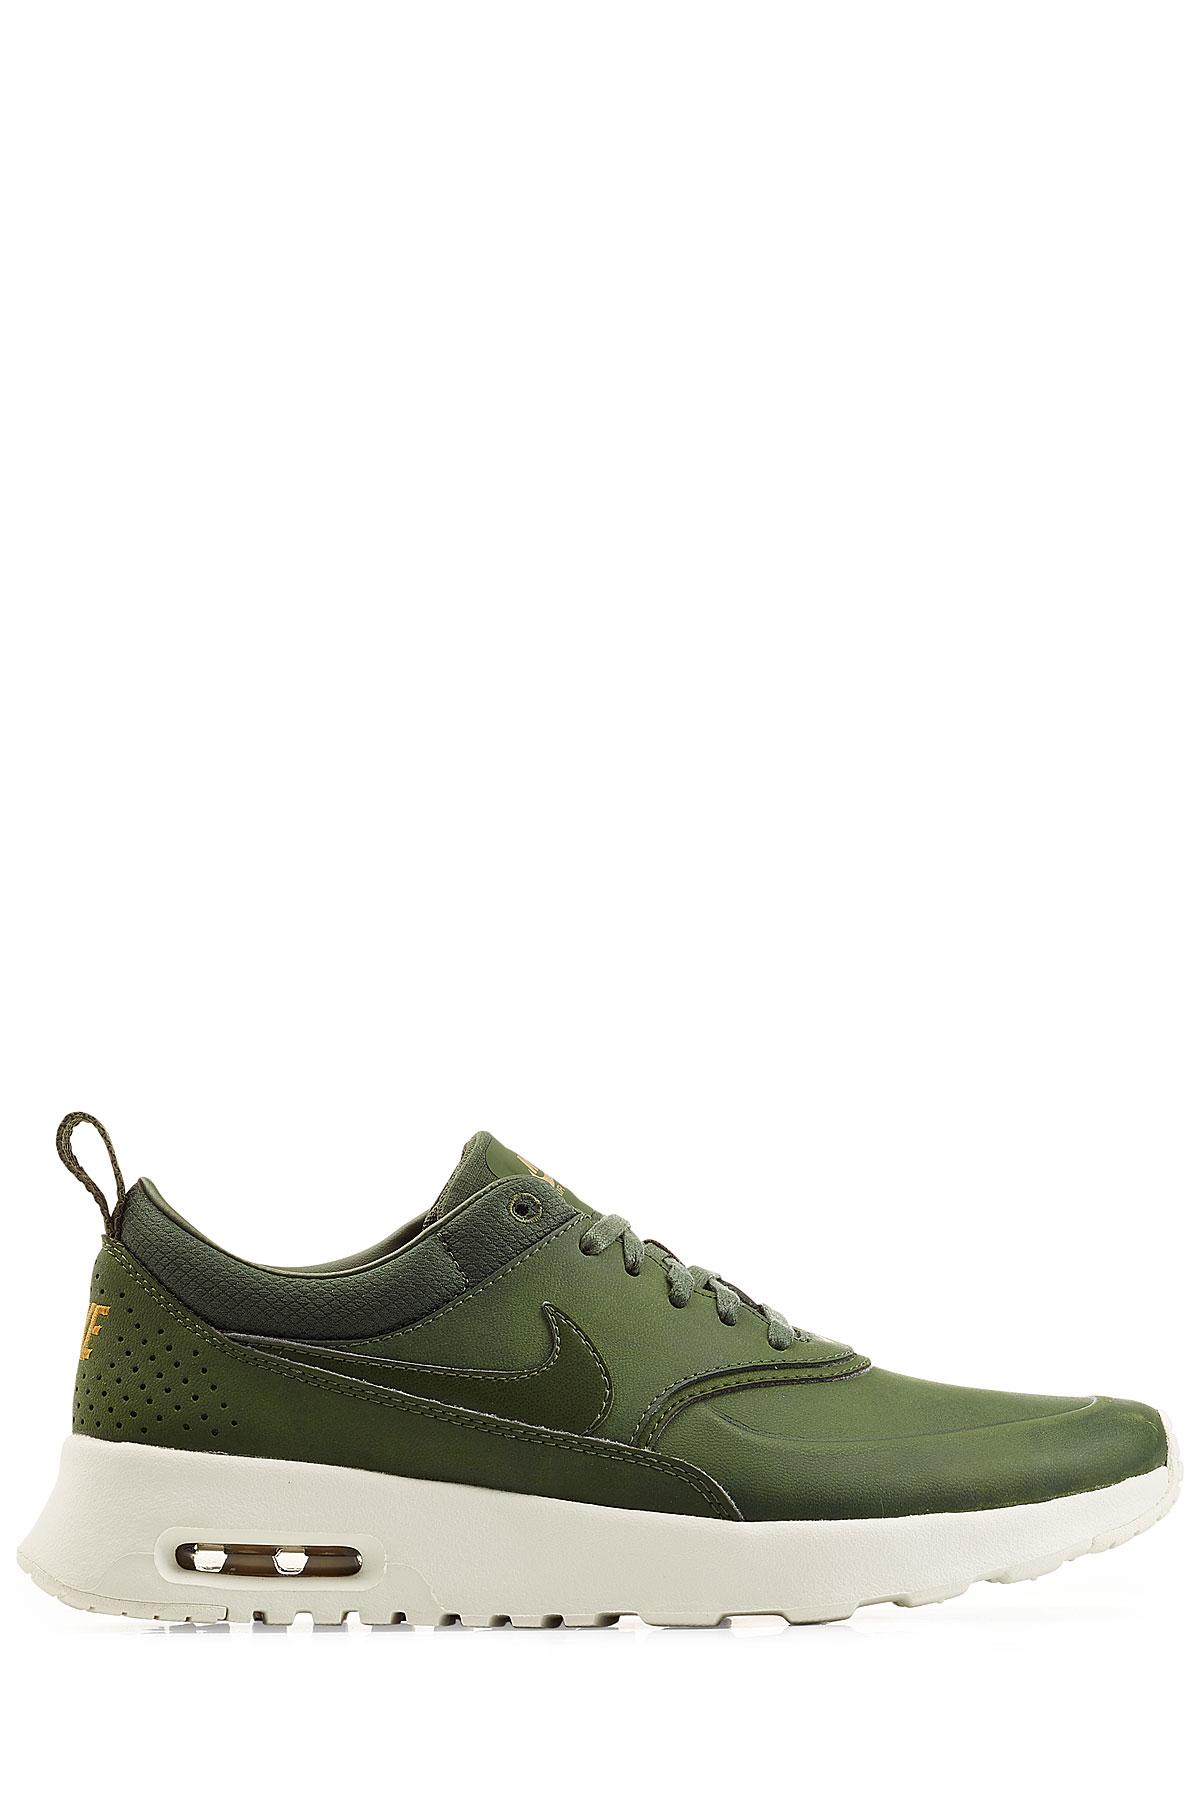 Air Max Thea Womens Green